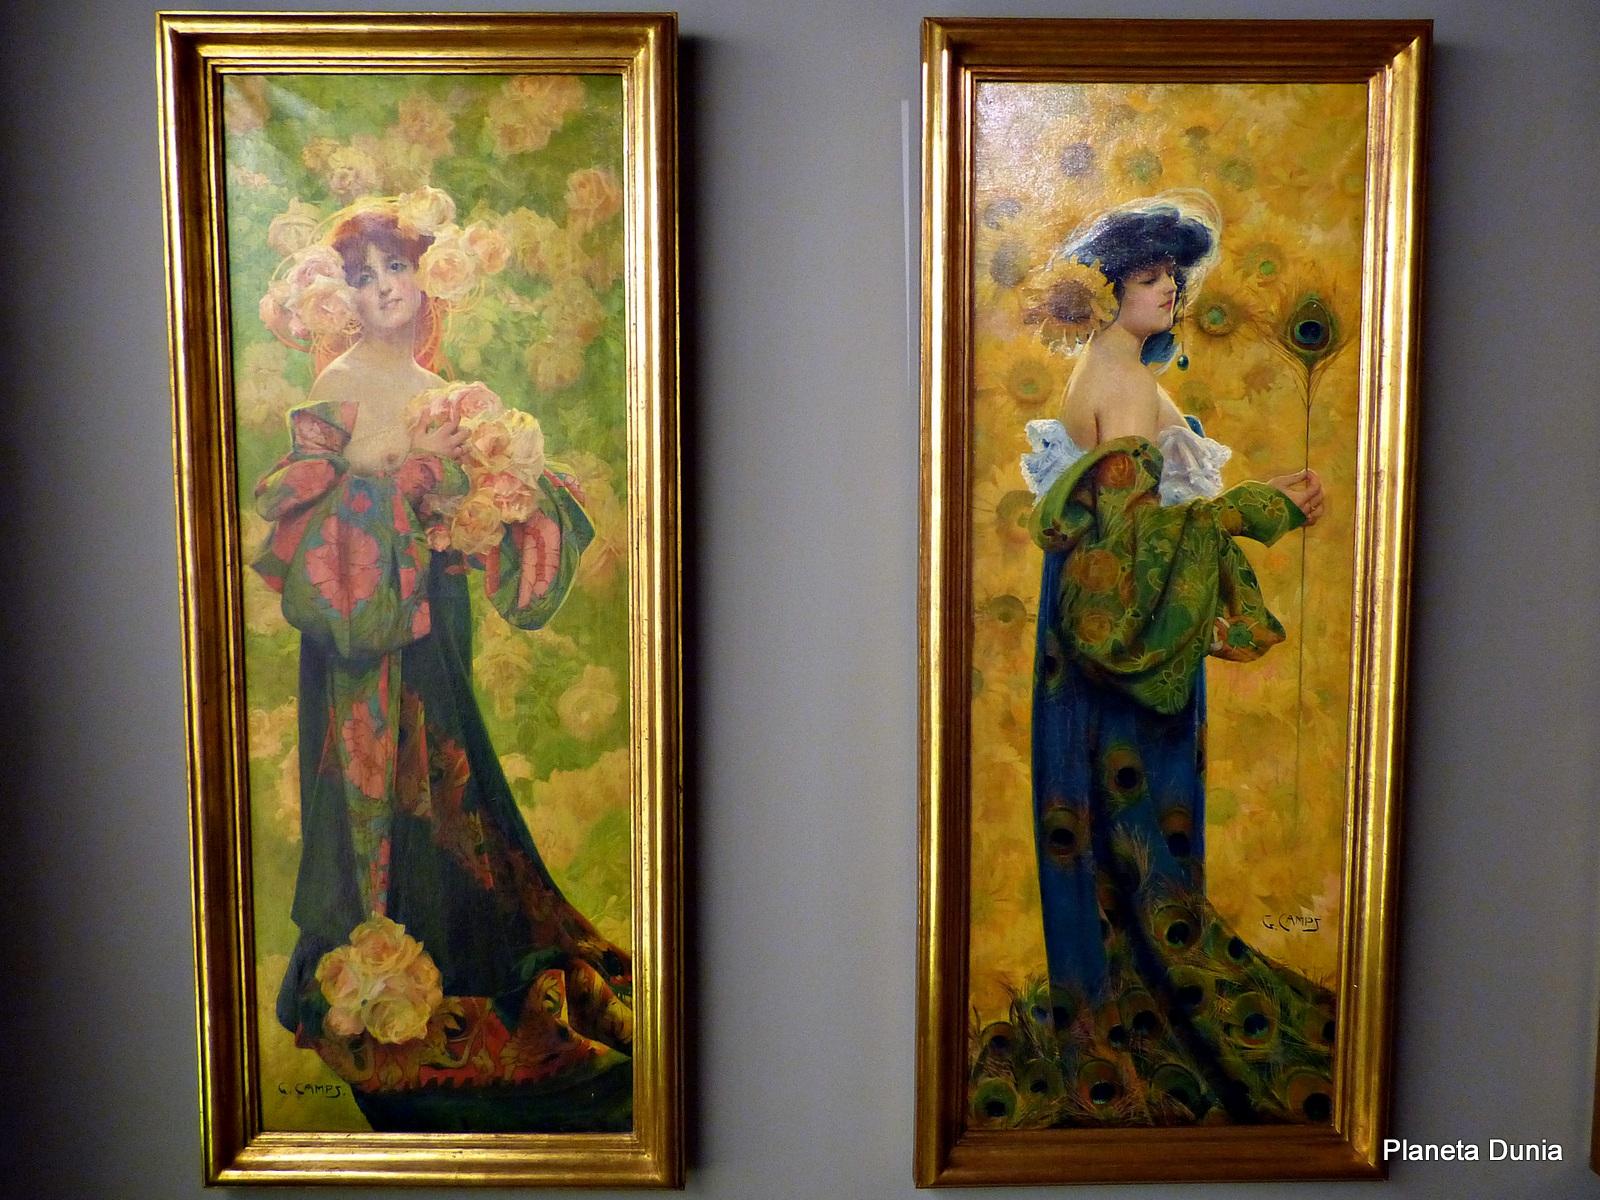 nicas de las artes decorativas que abarcan desde mobiliario hasta esculturas pasando por diferentes lienzos que muestran la sociedad modernista